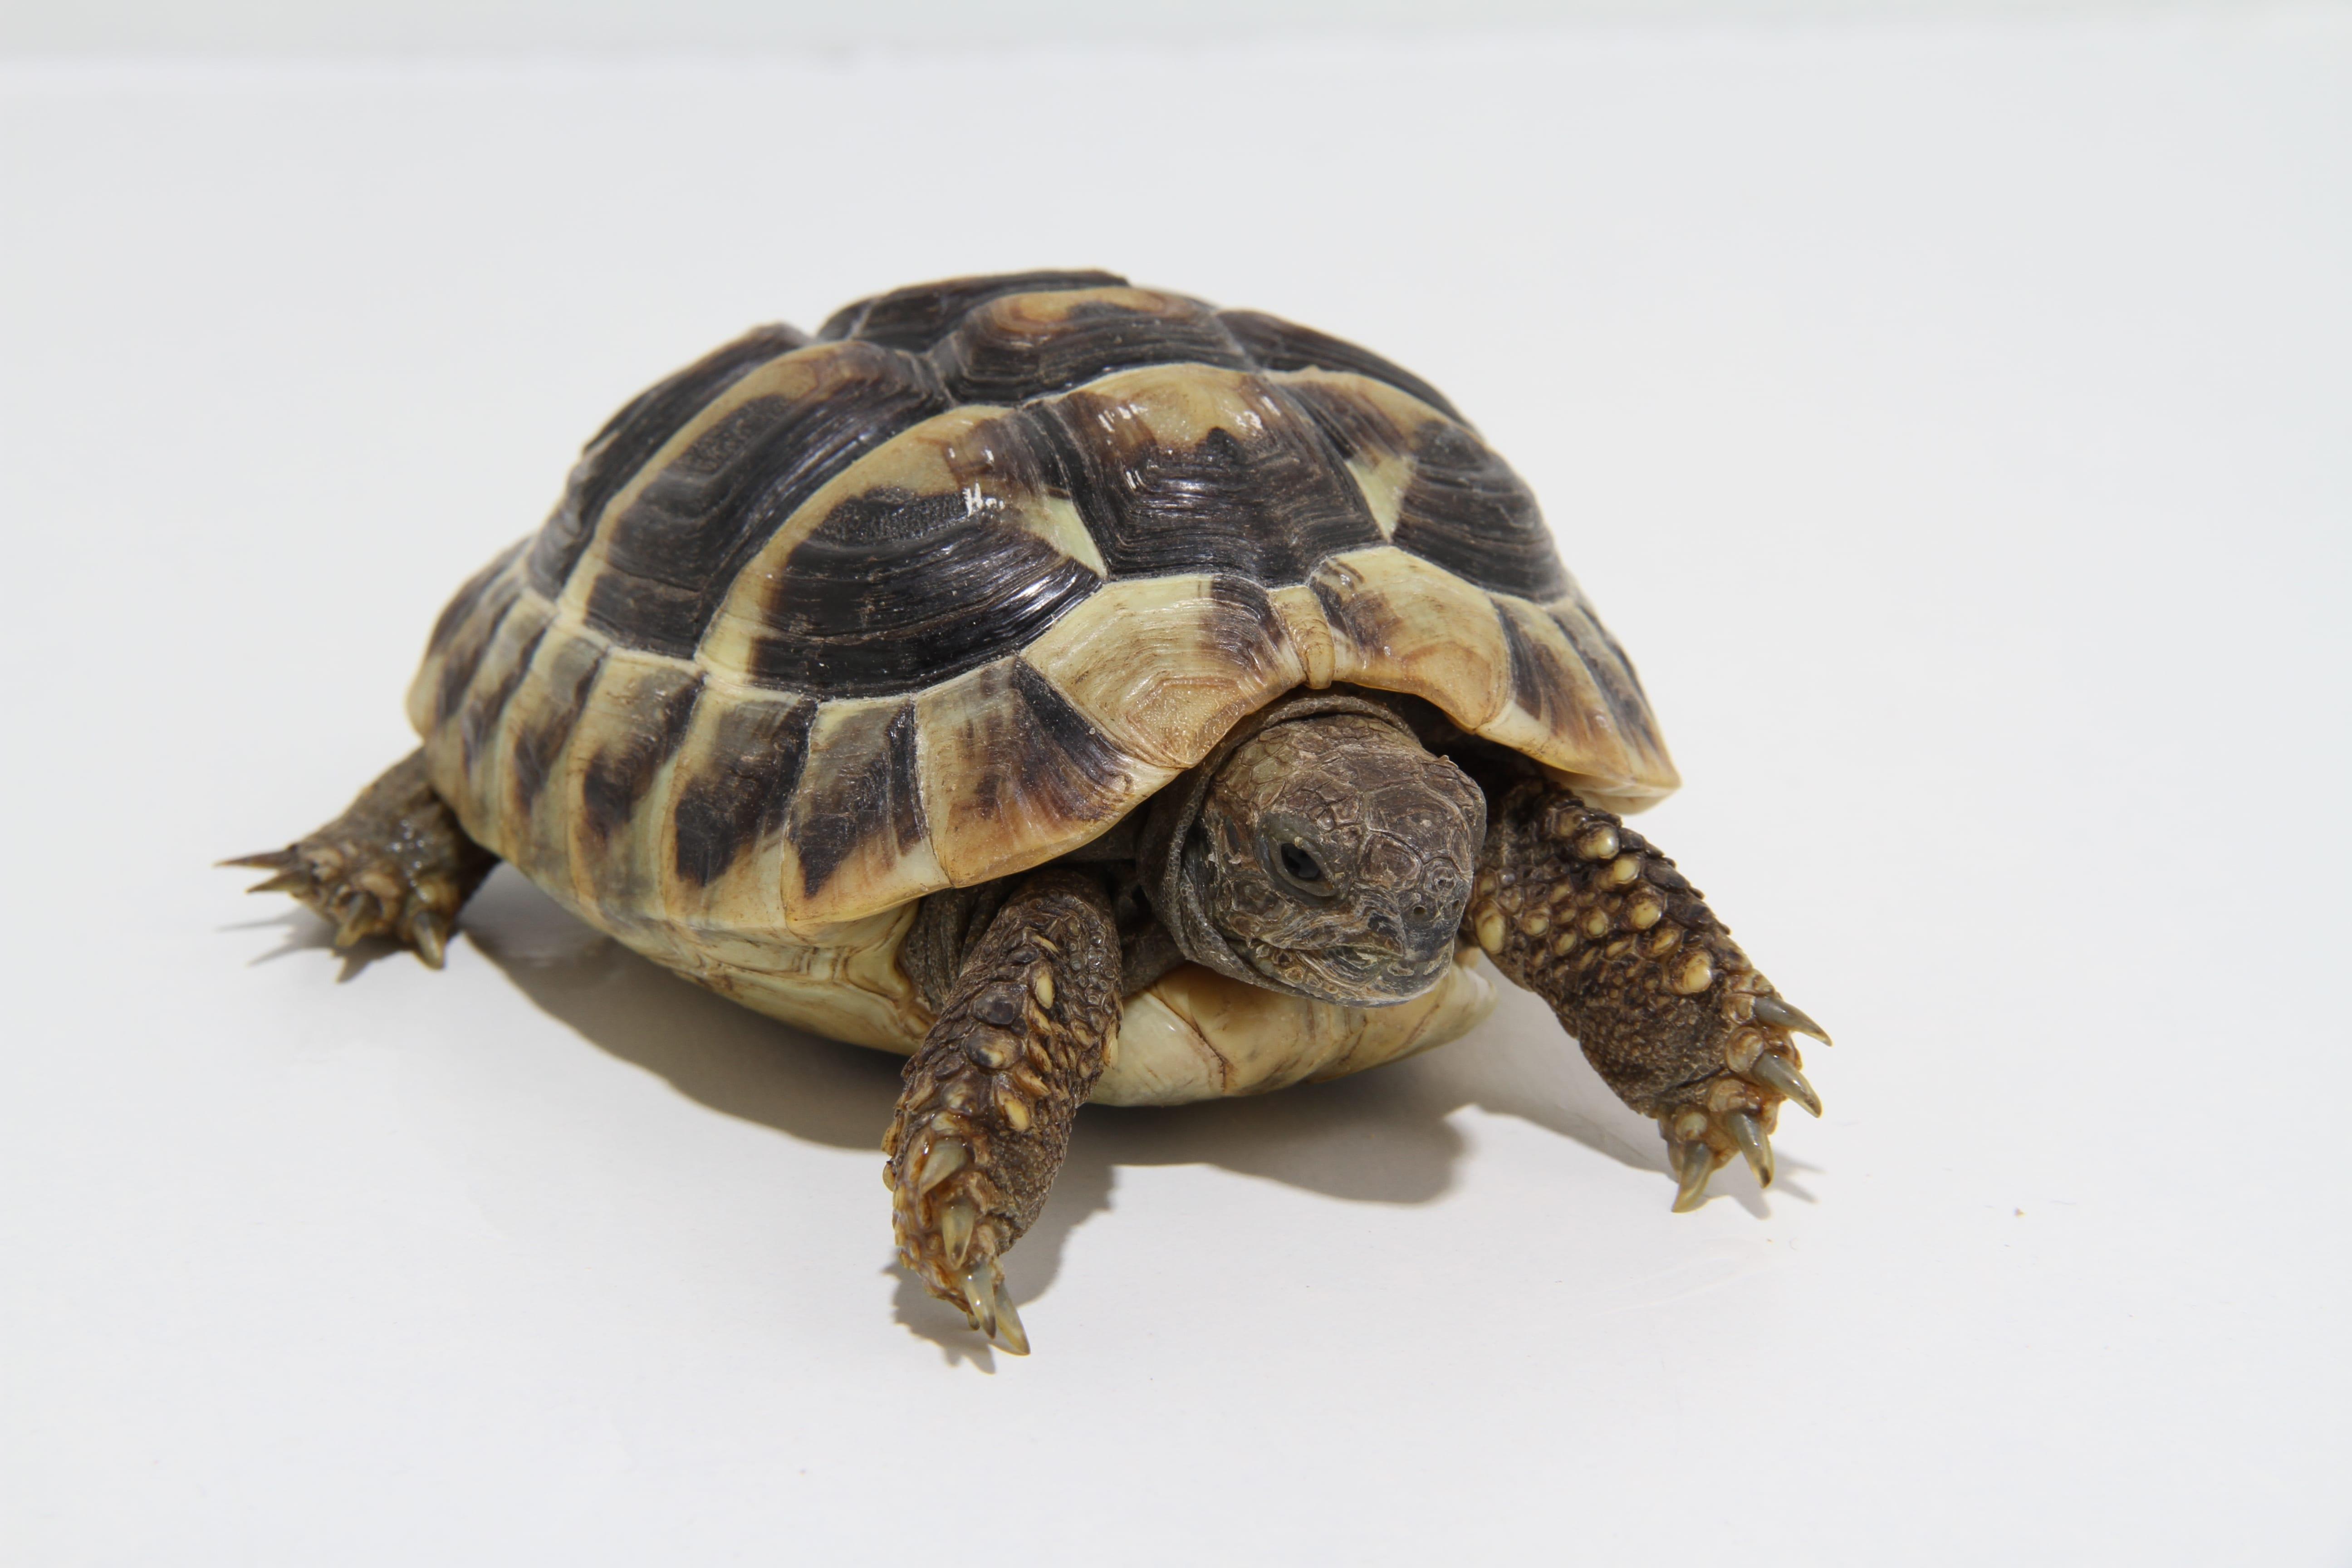 Female Hermann's Tortoise CB15